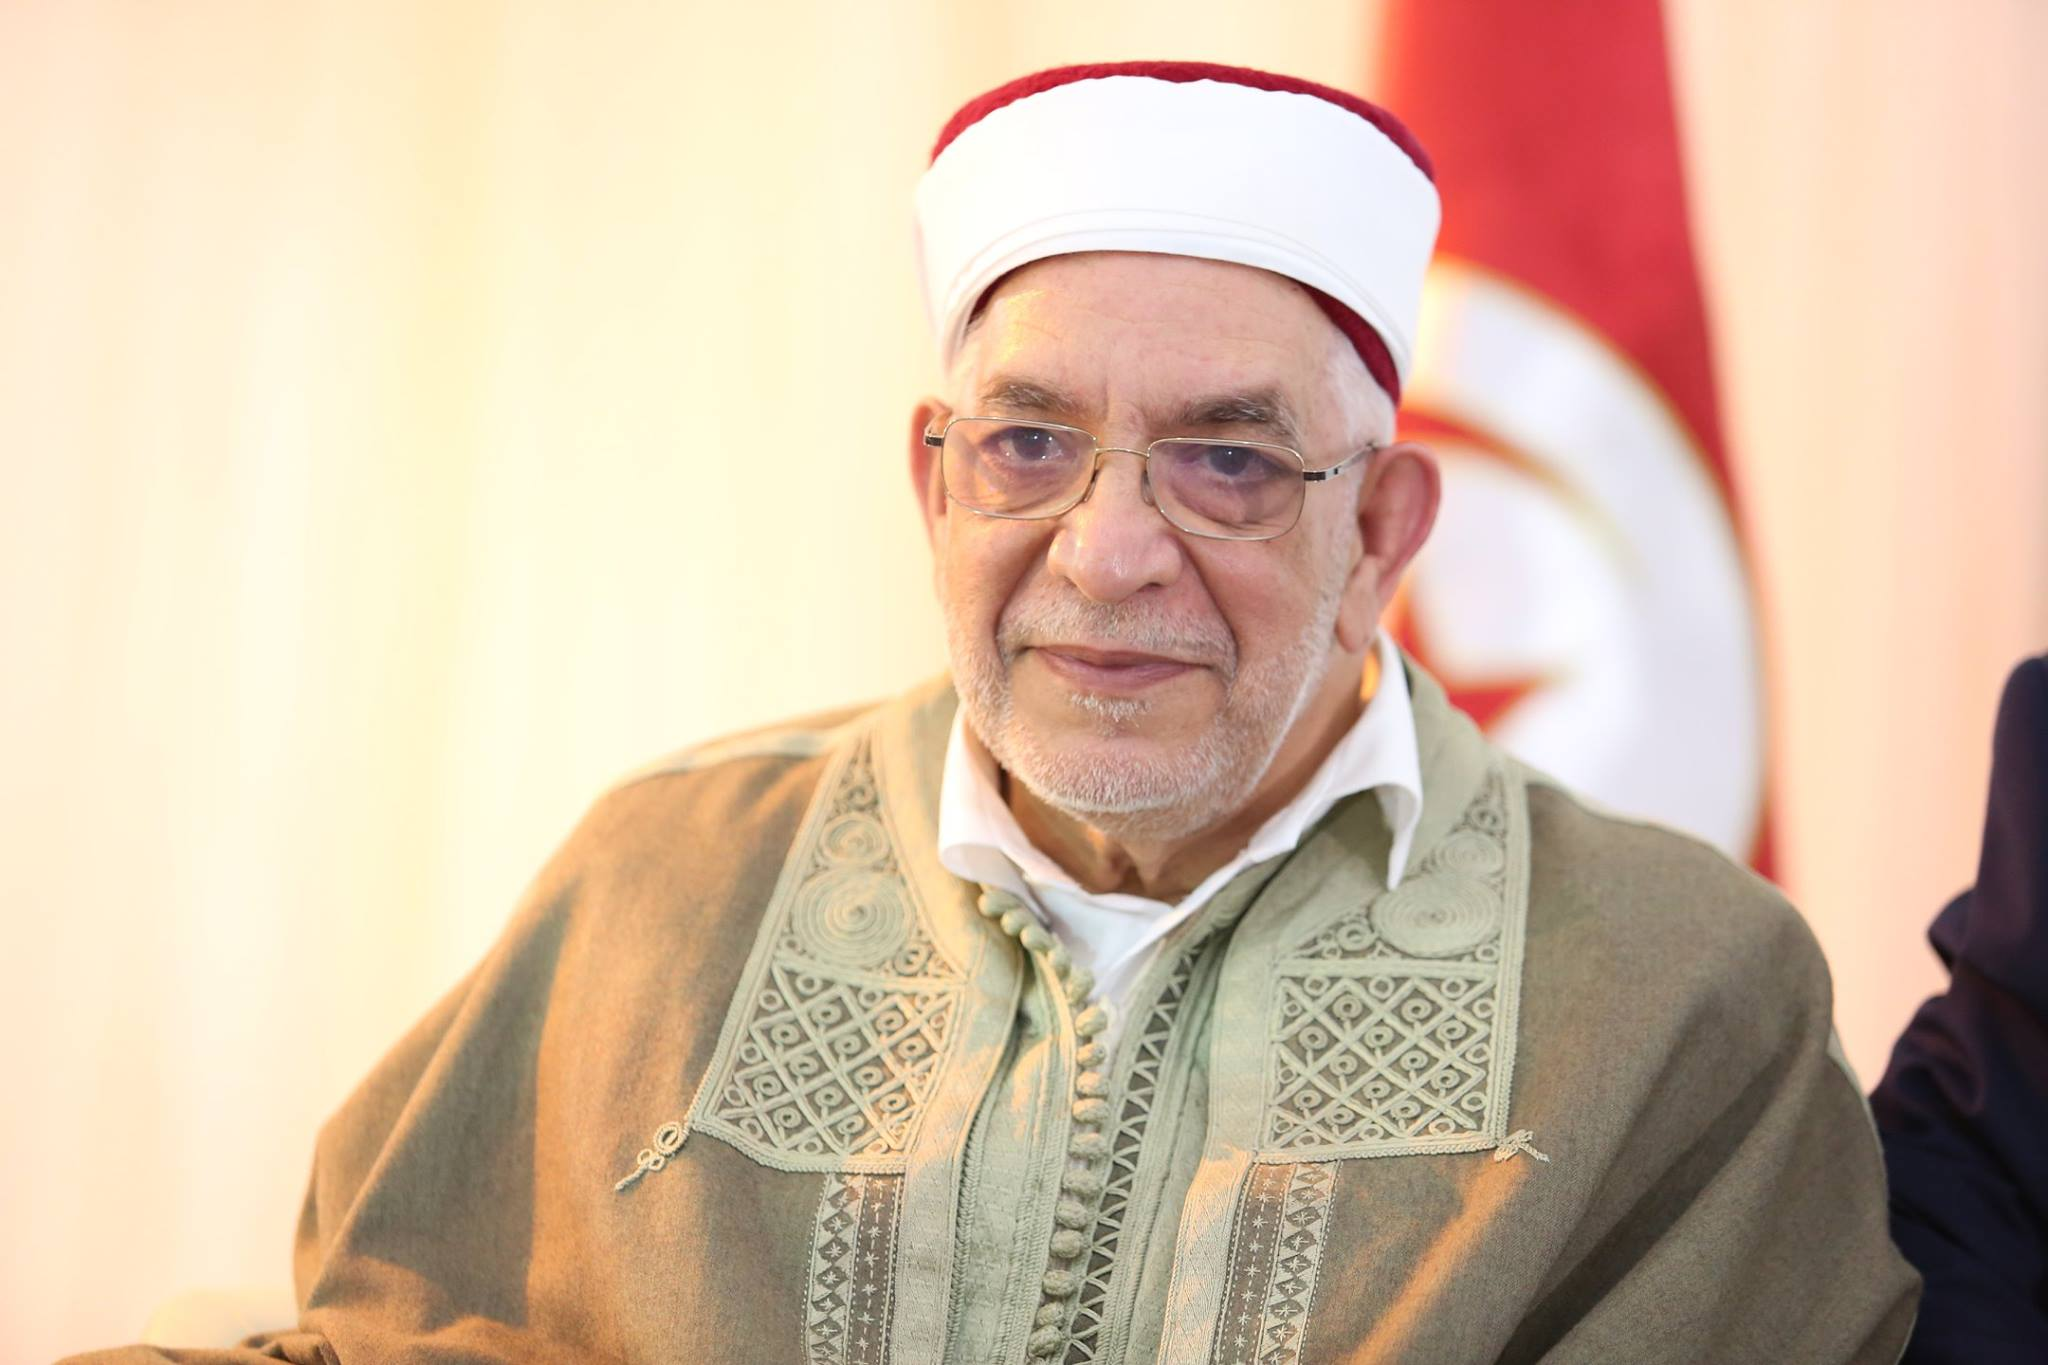 عبد الفتاح مورو: مستقبل التيارات الإسلامية مرهون بمستقبل الشباب